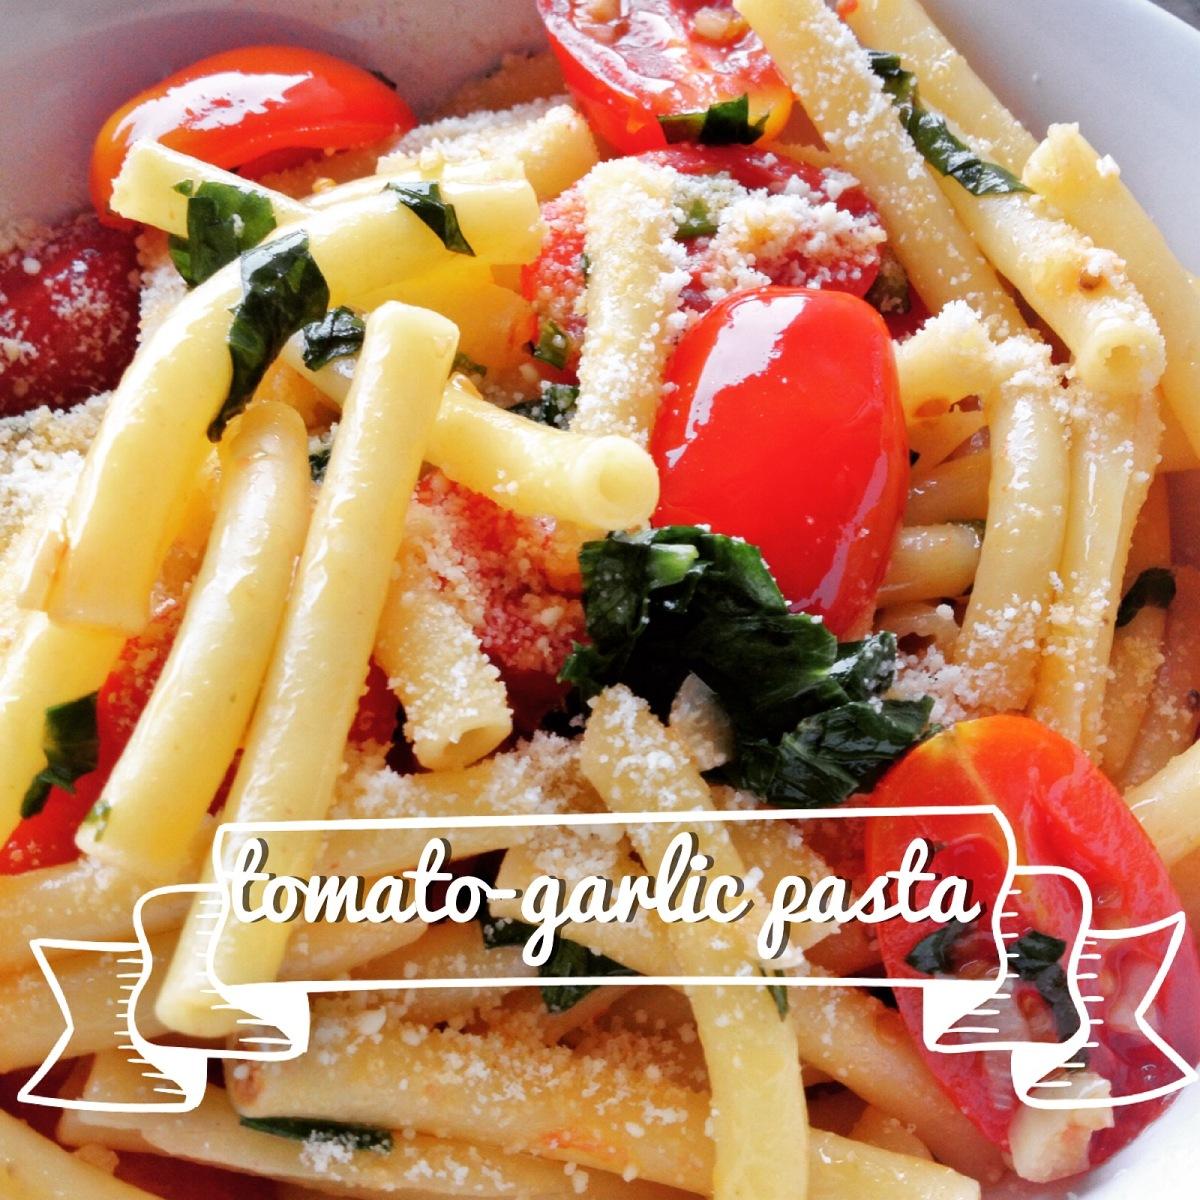 Recipe: Tomato-Garlic Pasta